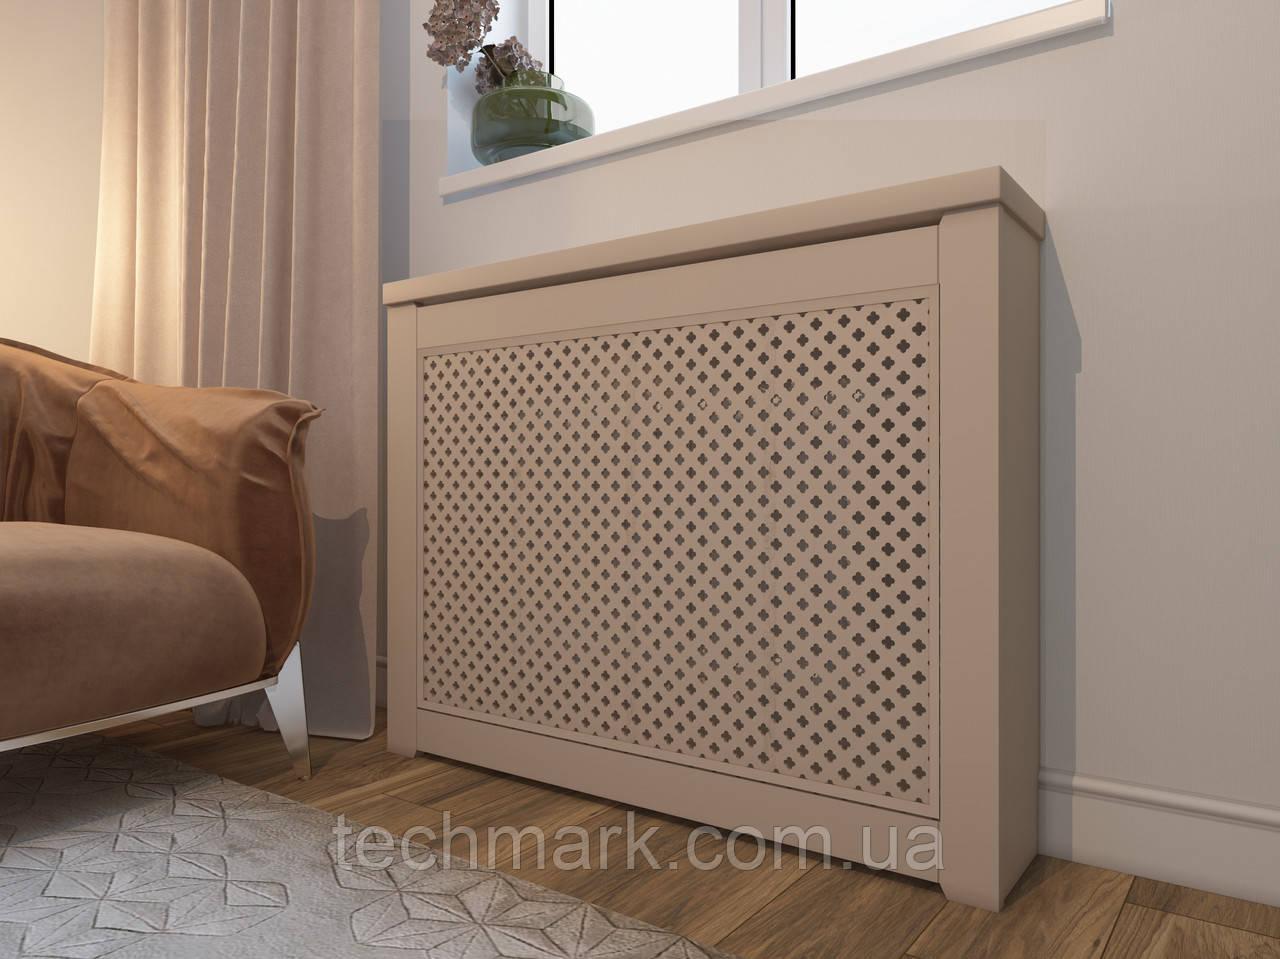 Декоративная решетка экран (короб) на батарею отопления R113-К